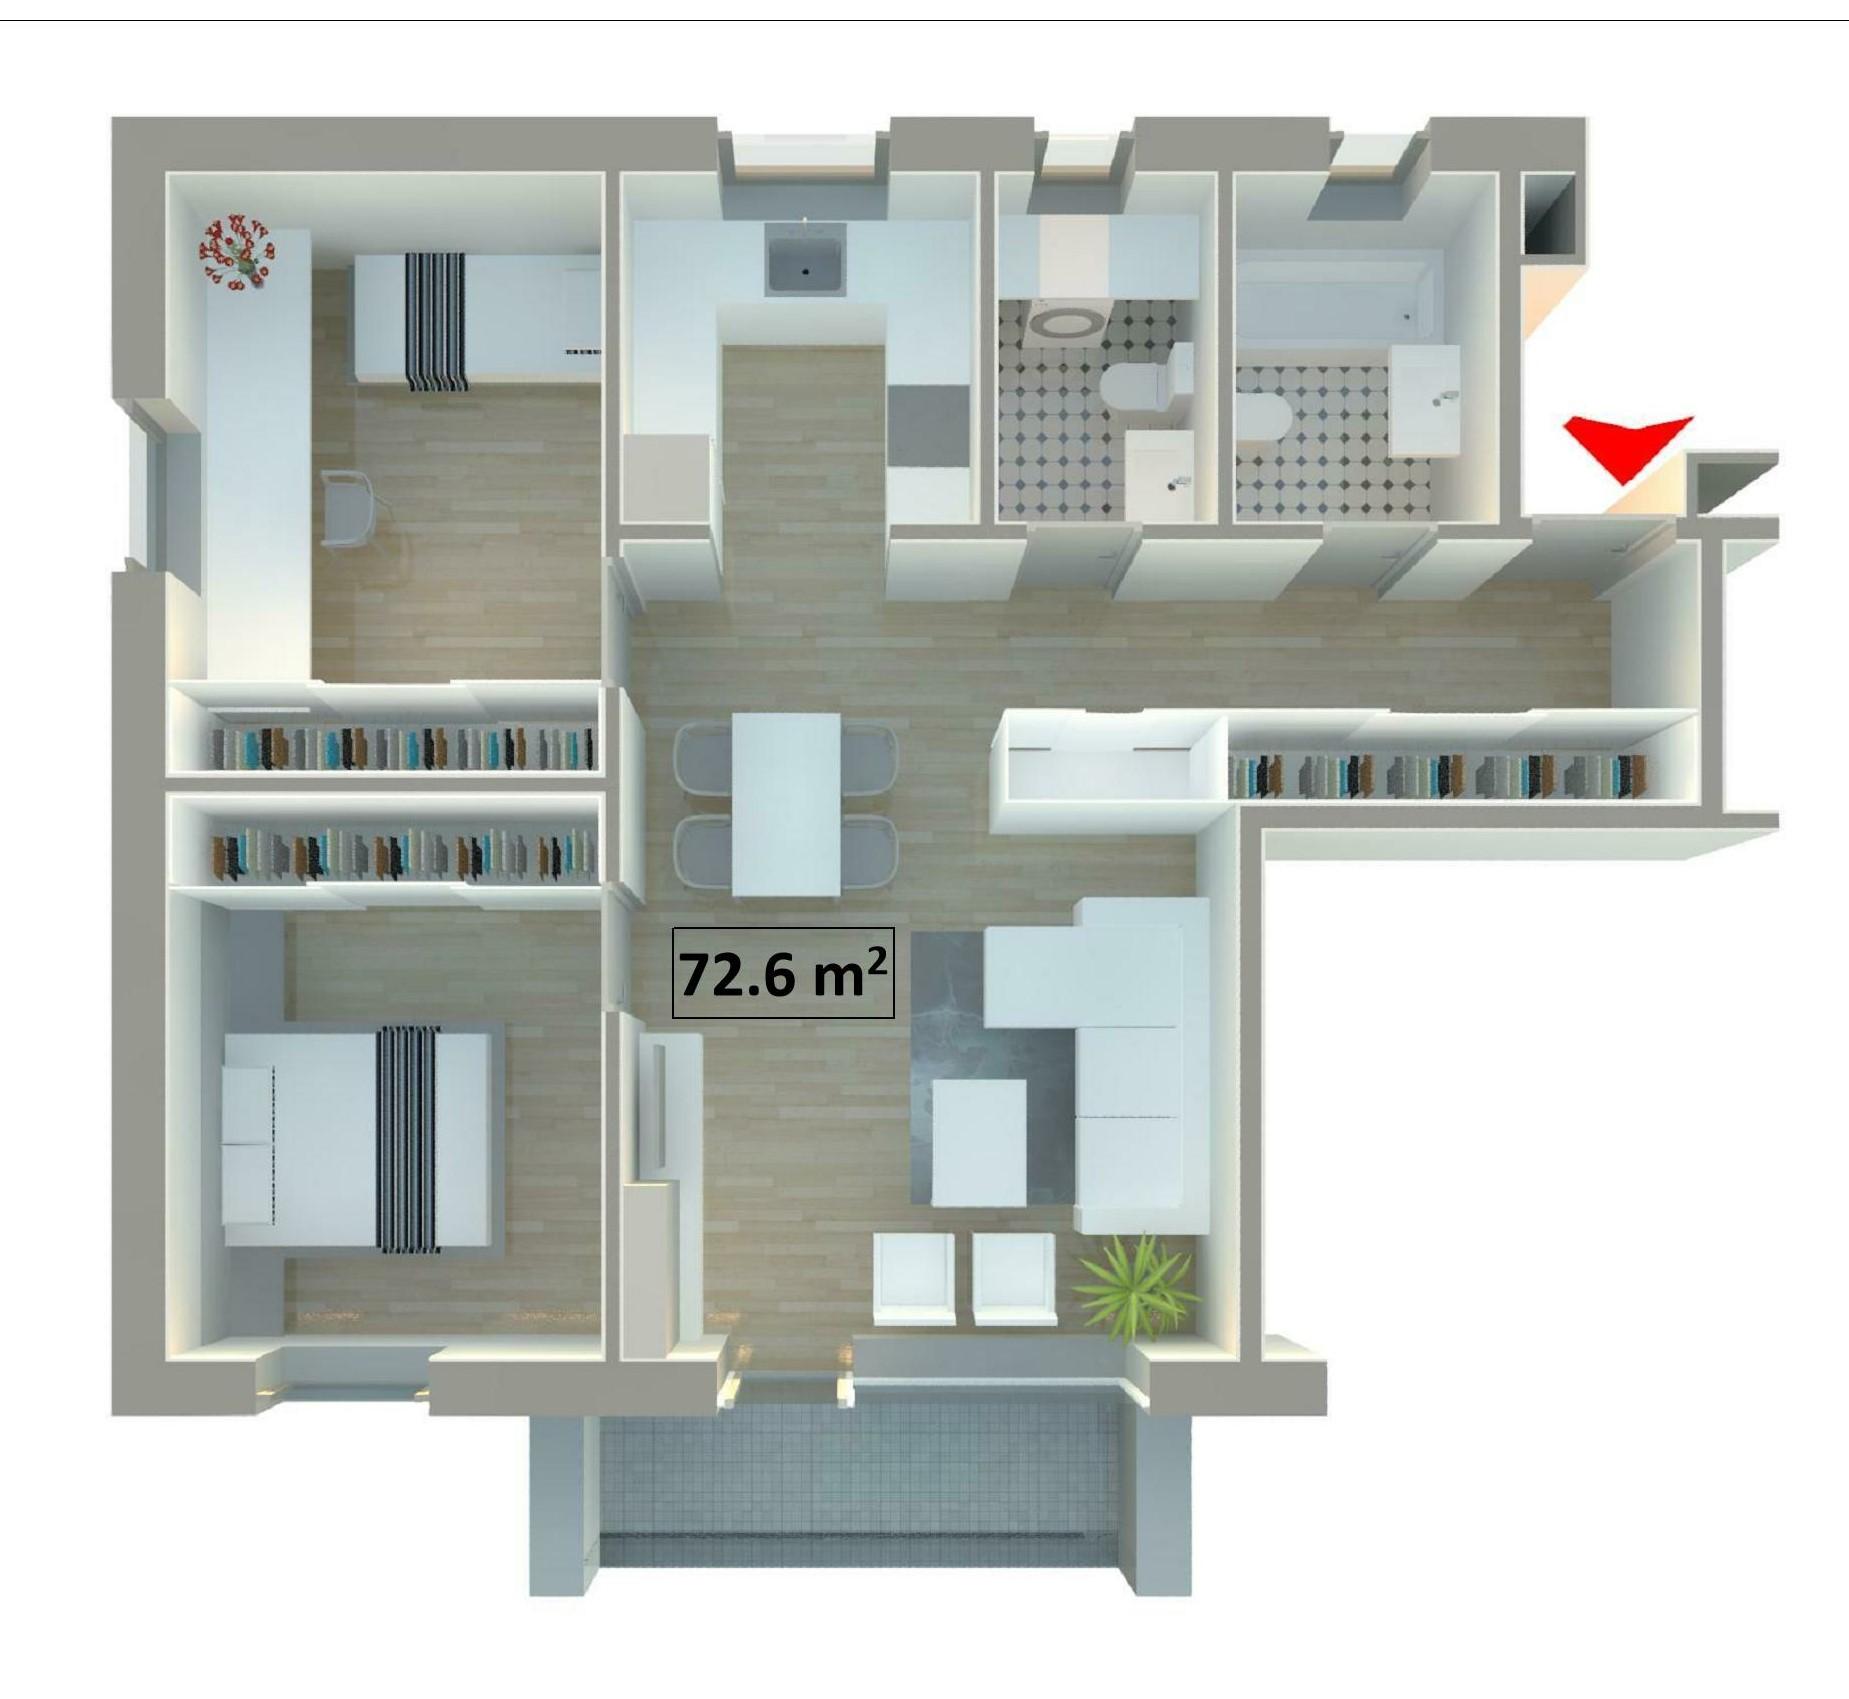 Pārdod dzīvokli, Stacijas iela 48 - Attēls 1